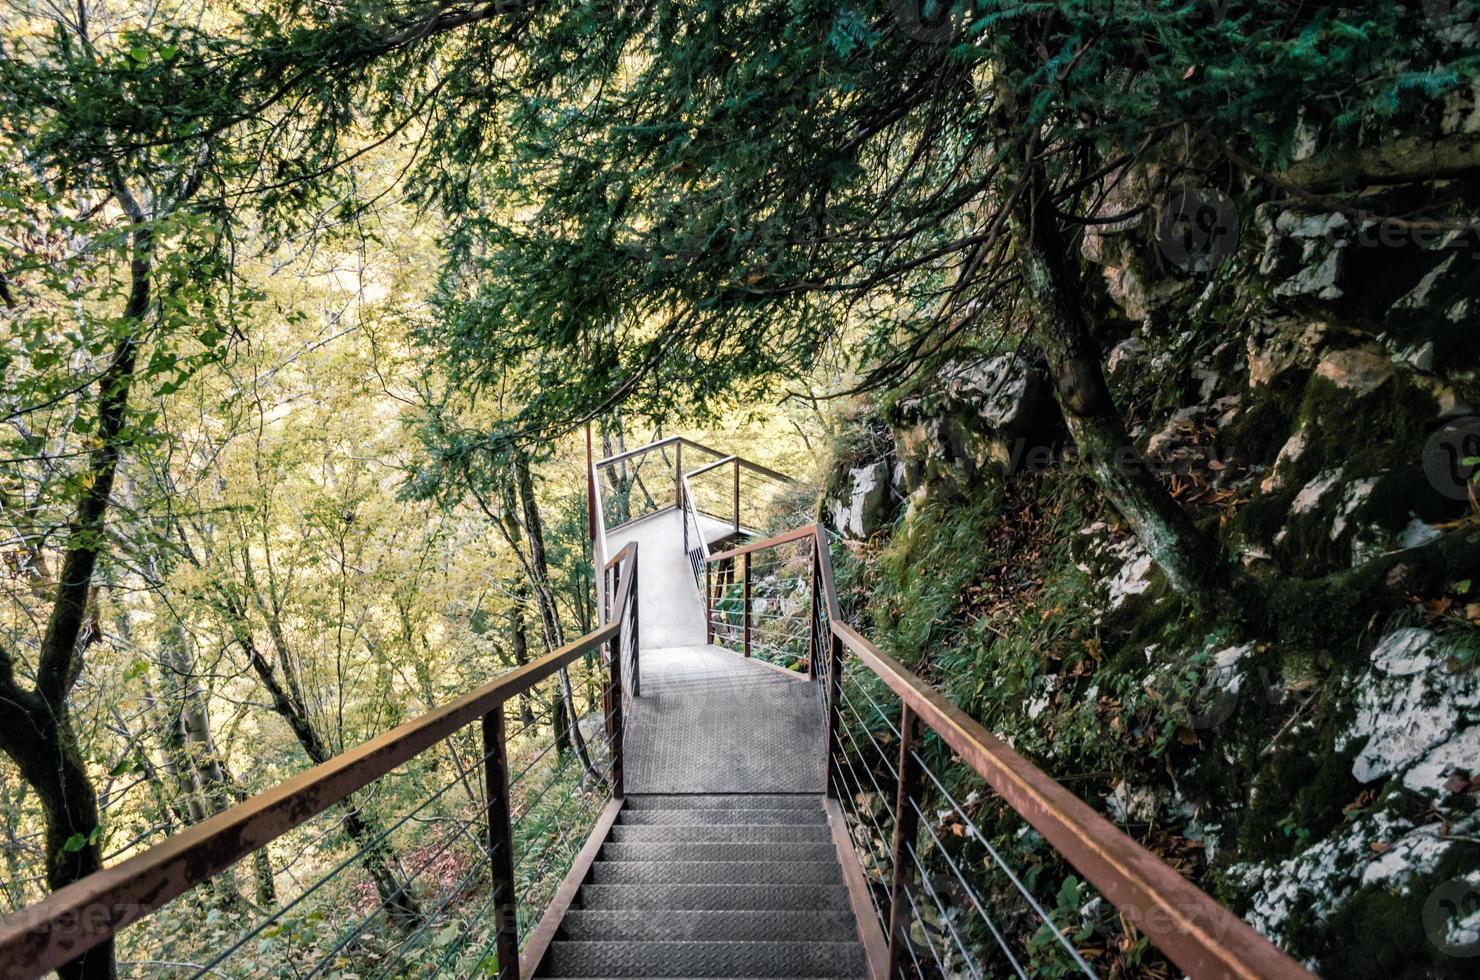 escaleras de metal en un bosque foto